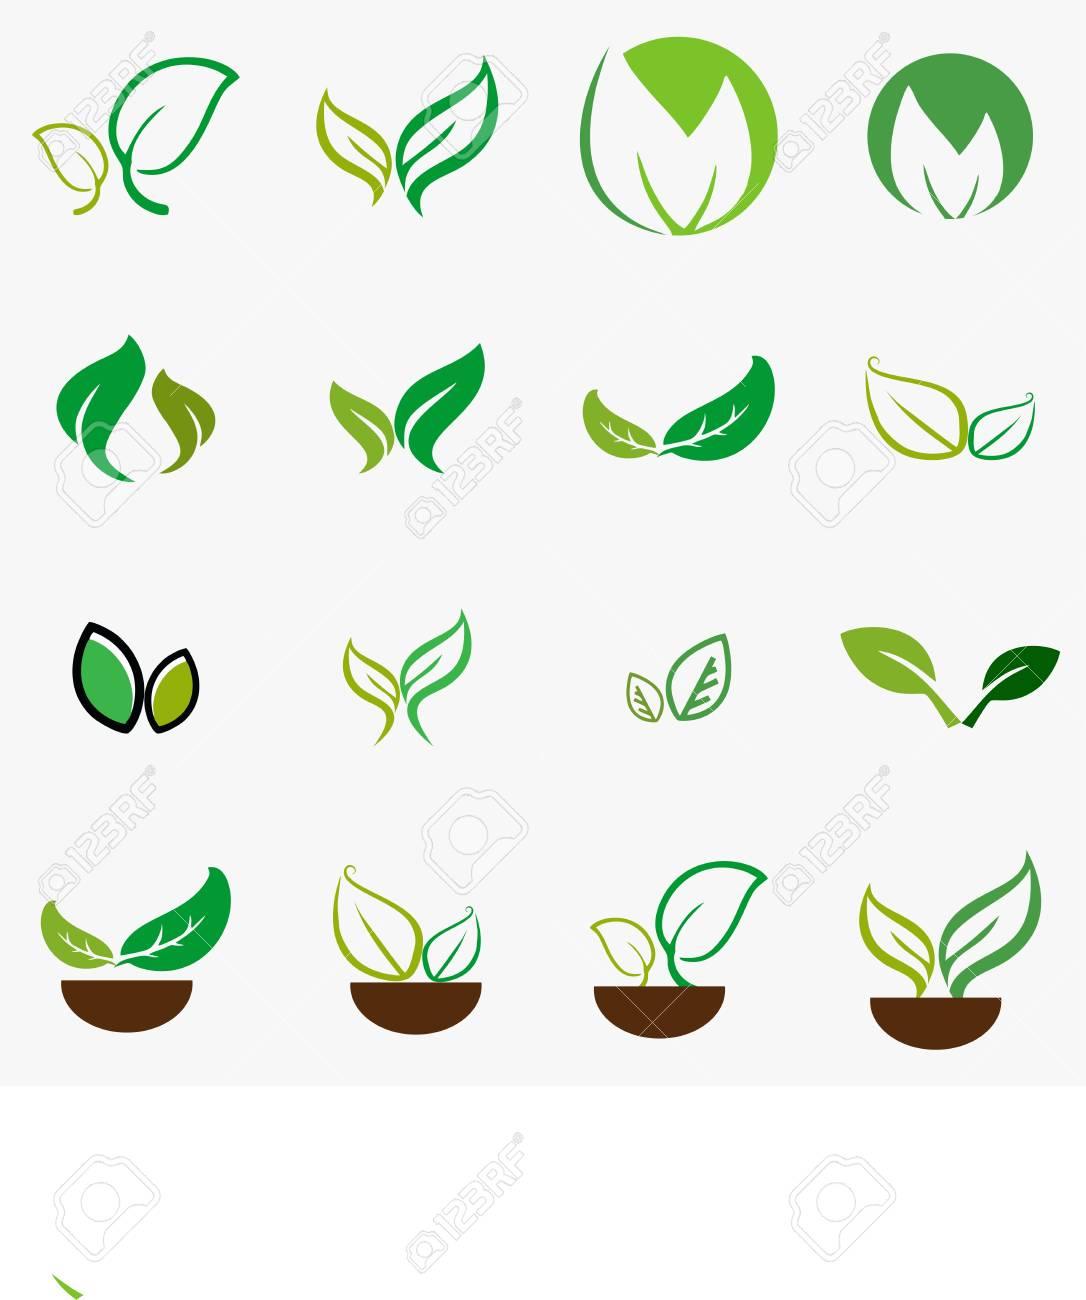 Leafplantlogoecologypeoplewellnessgreenleavesnature Symbol